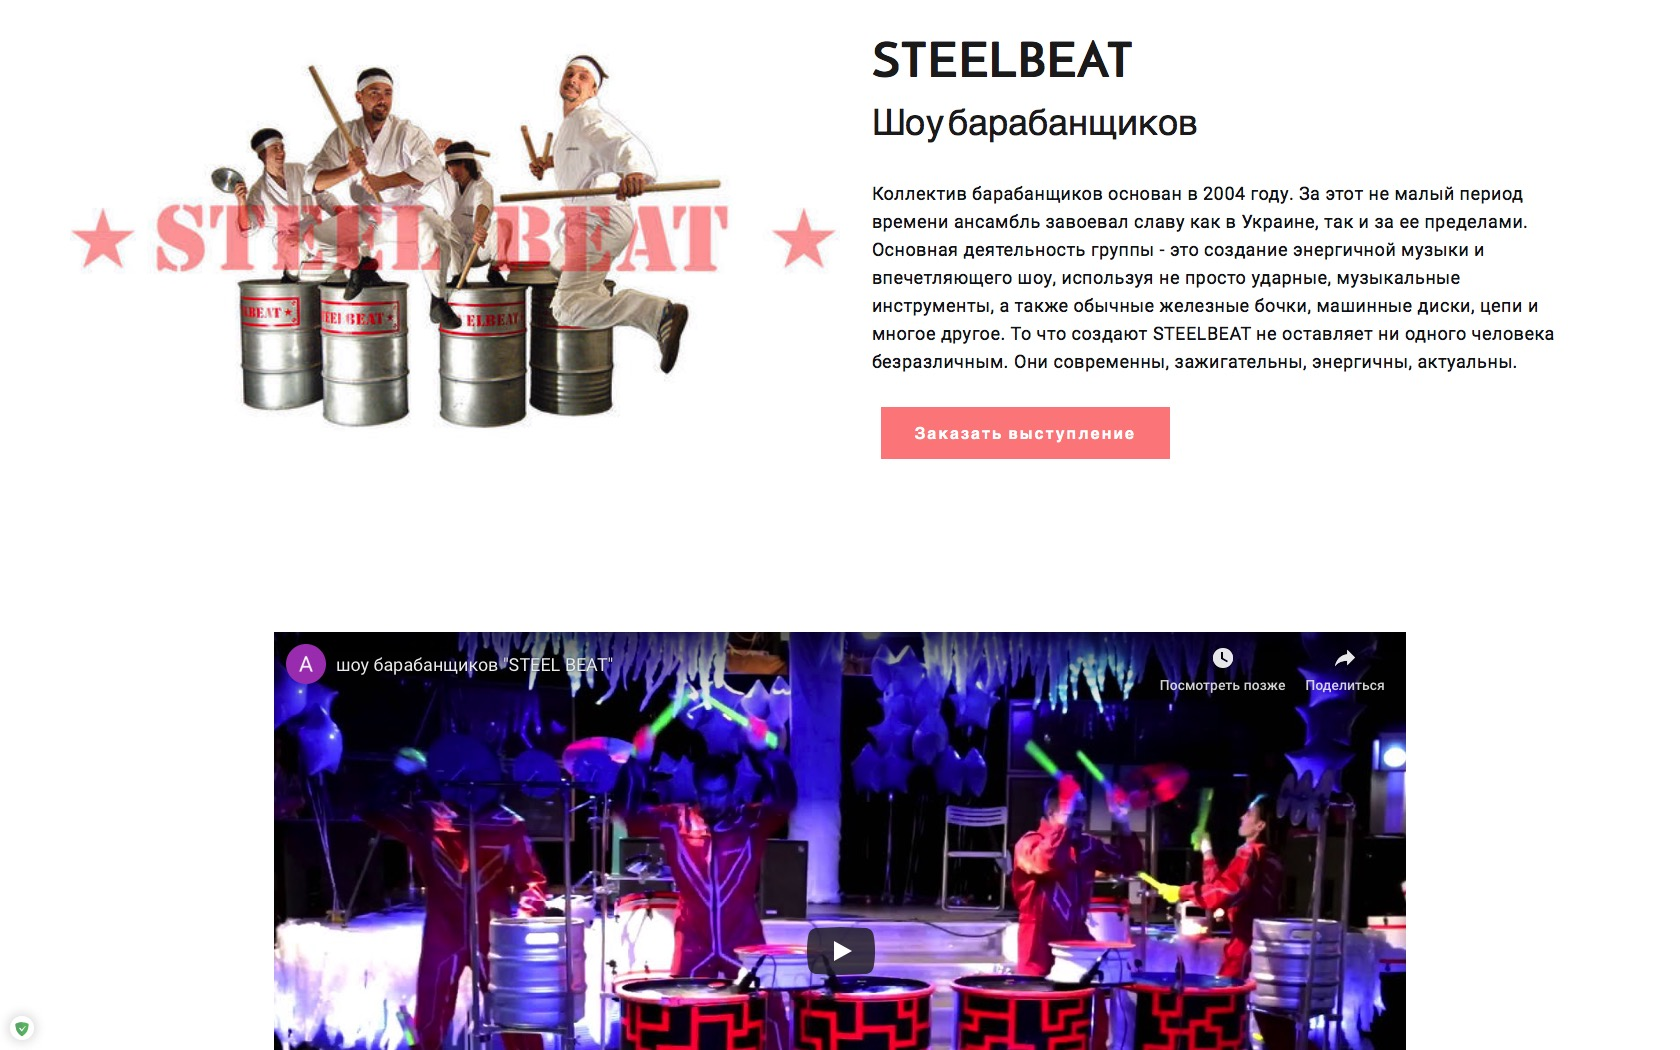 Фото Сайт для коллектива барабанщиков с видео, фотографиями и формой обратной связи.